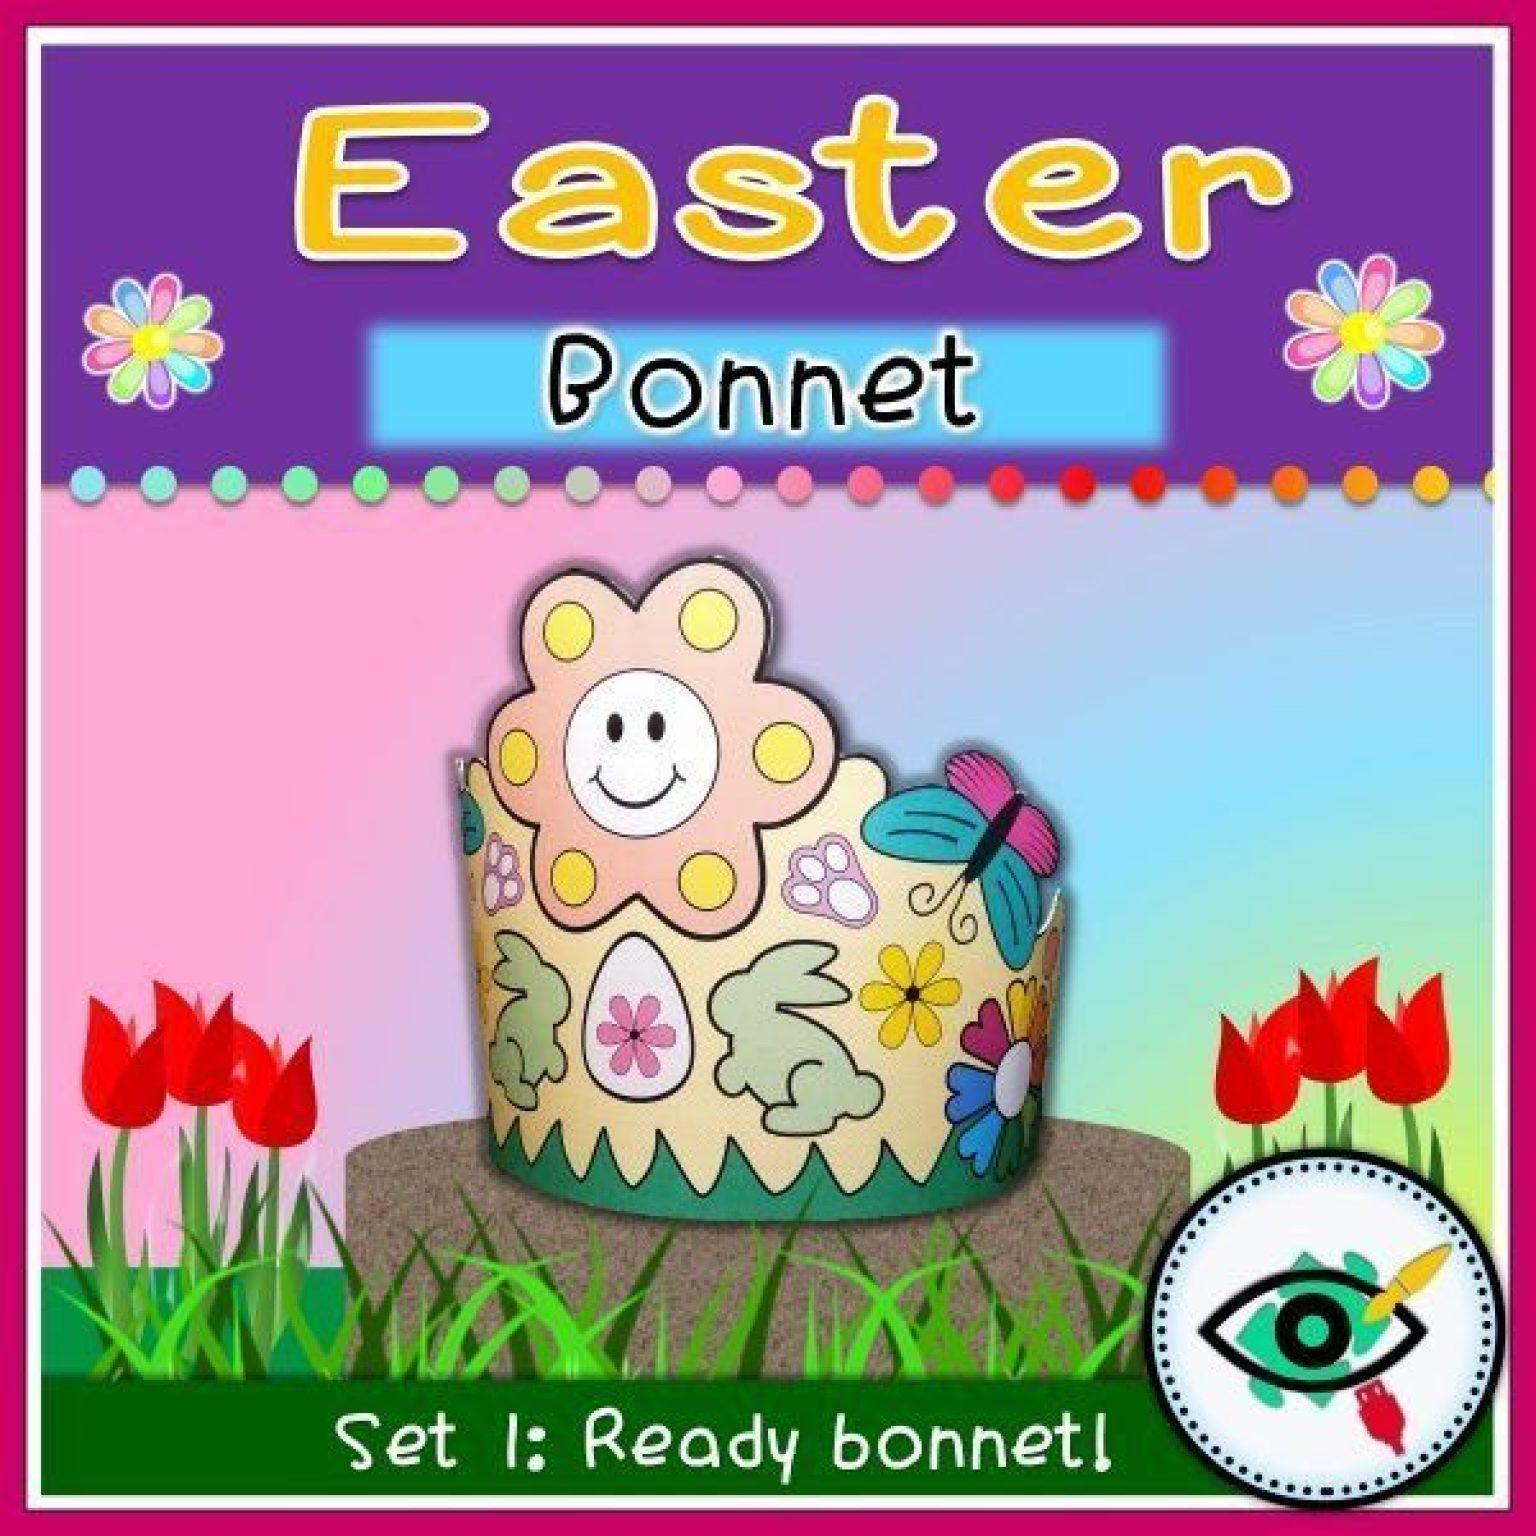 easter-bonnet-title2